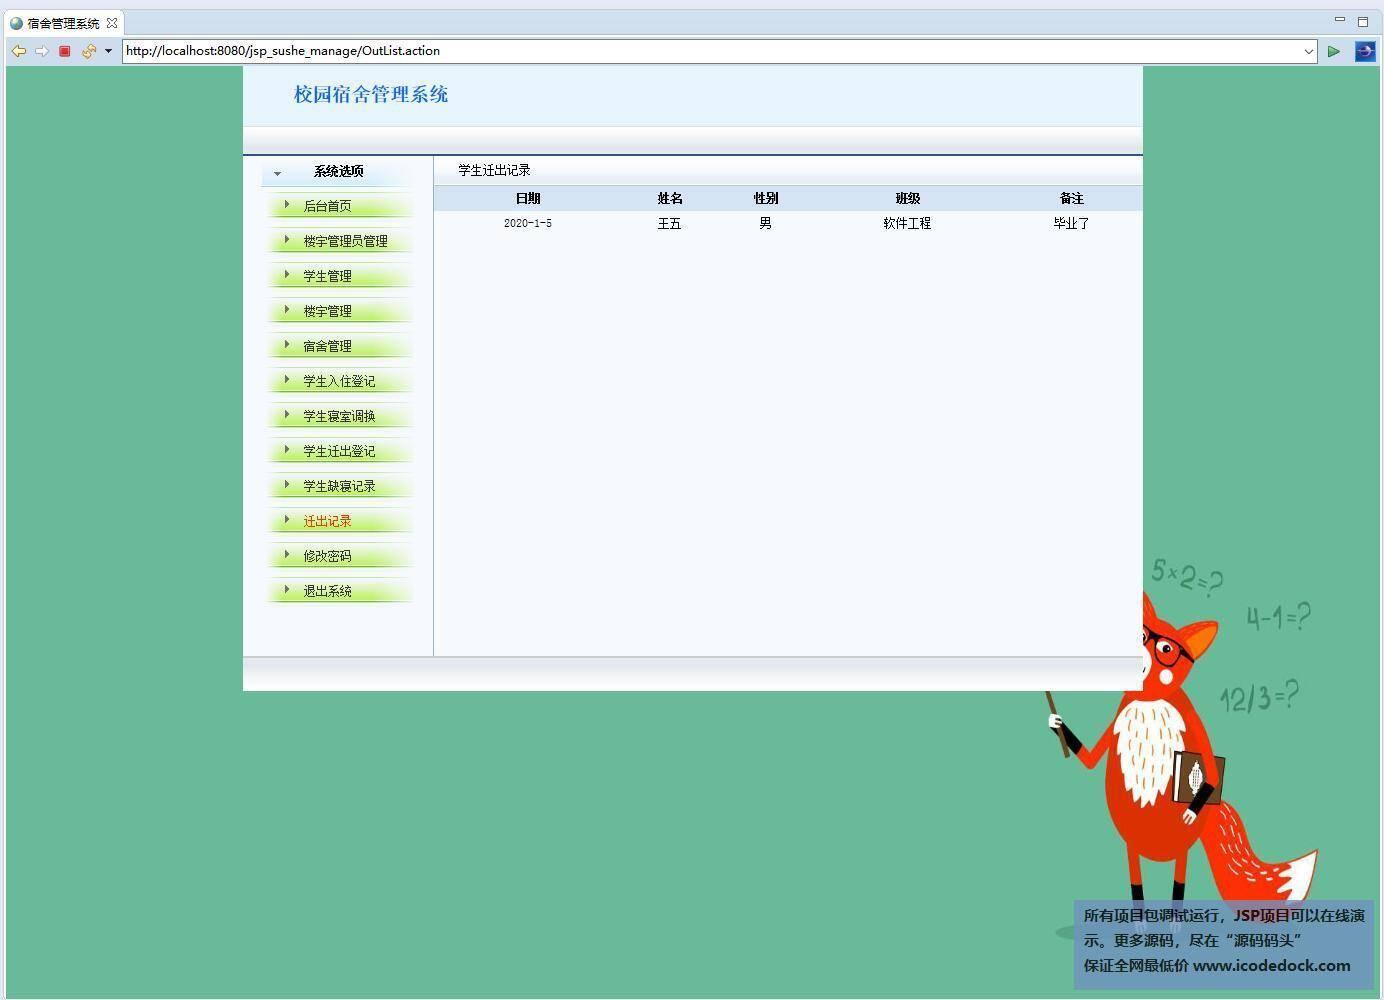 源码码头-JSP学校宿舍管理系统-系统管理员角色-迁出记录